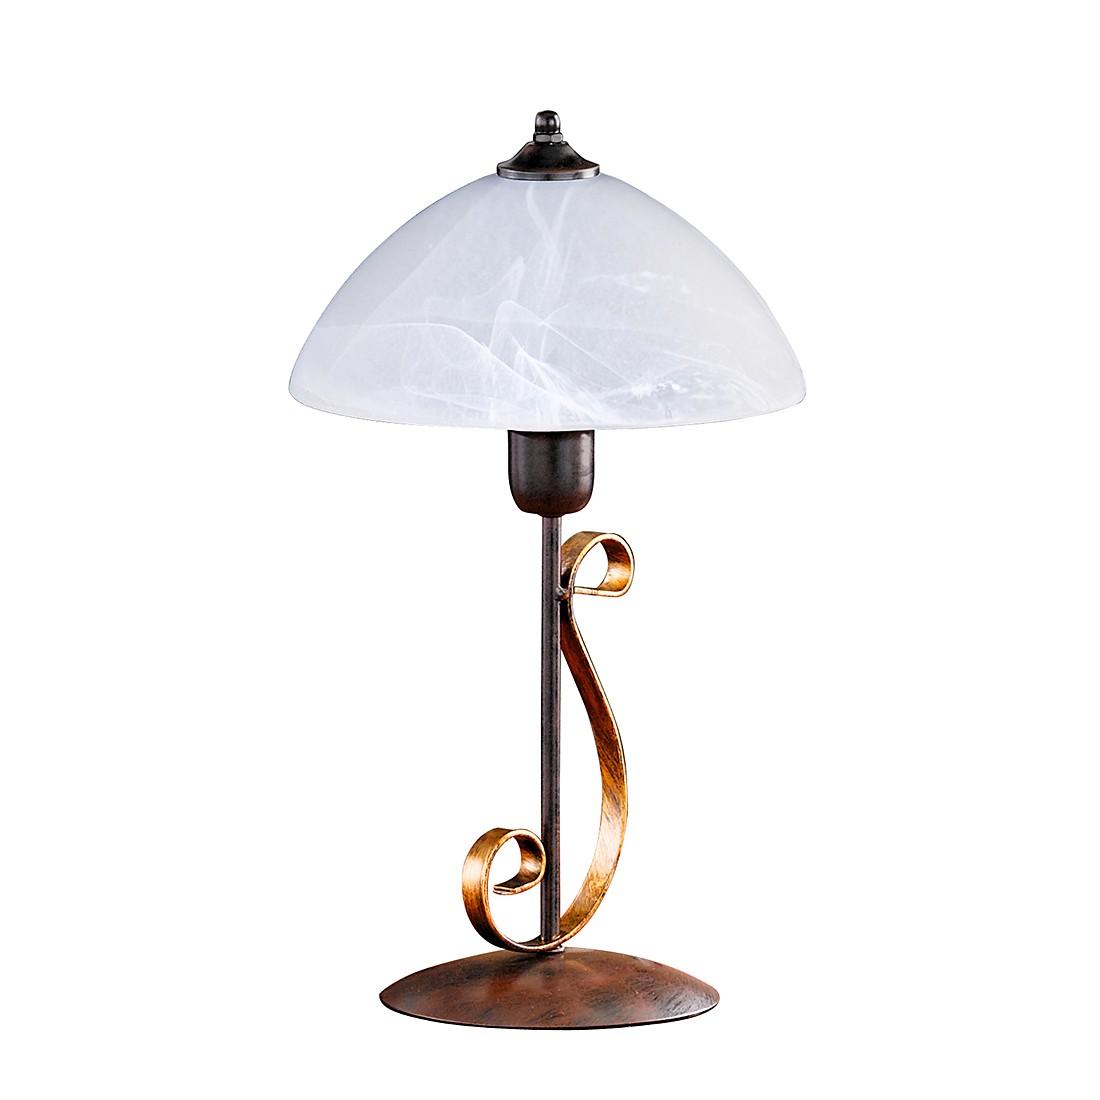 EEK A++, Lampe de bureau Lisa - Rouille antique, Honsel